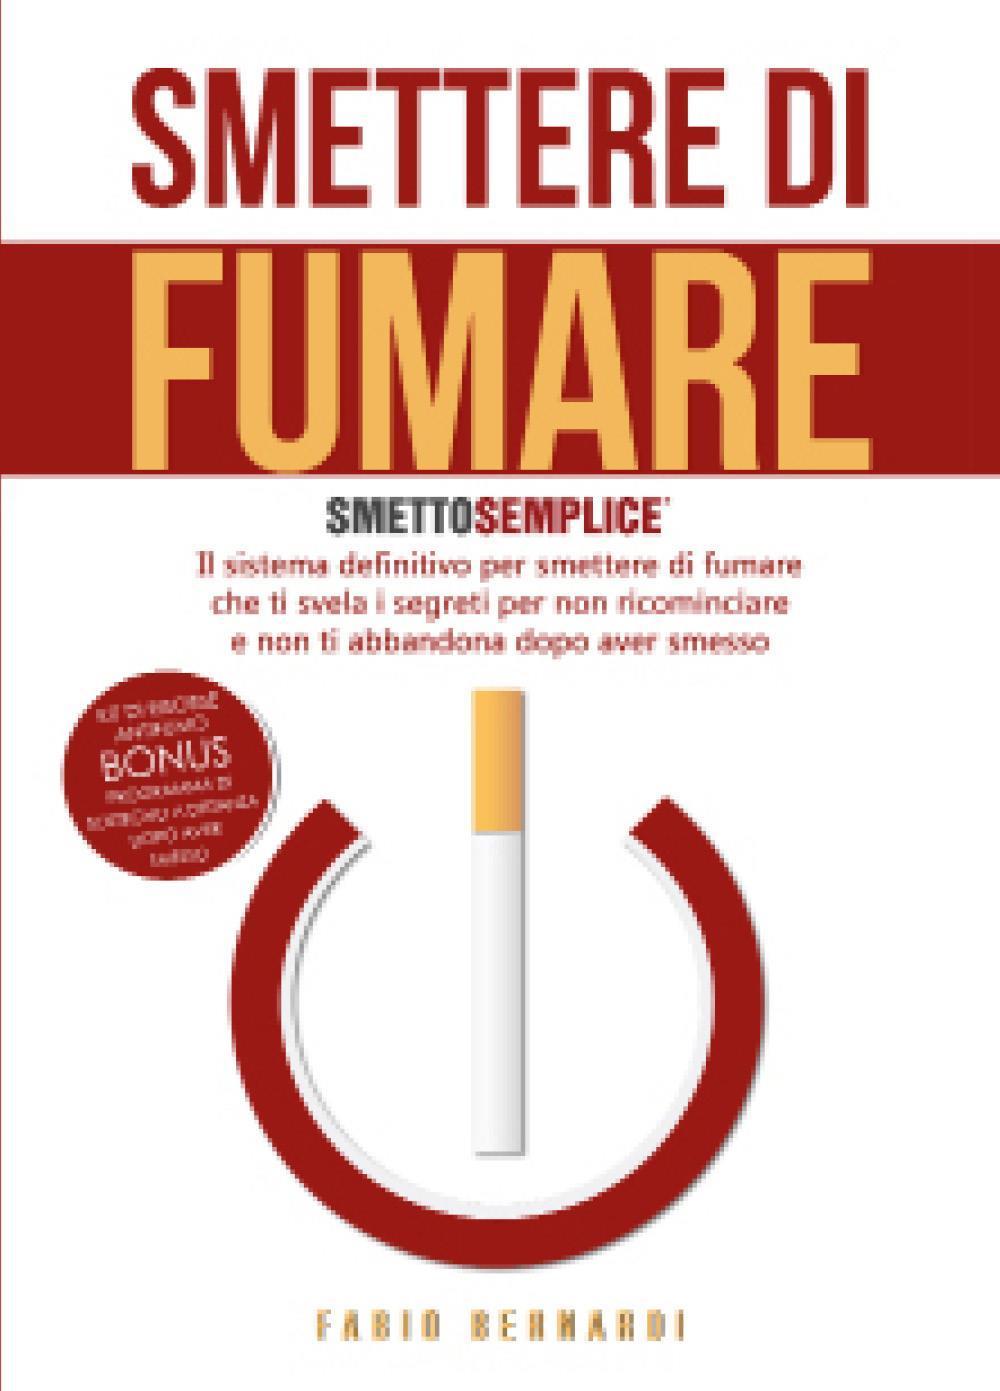 Smettere di fumare: smetto semplice